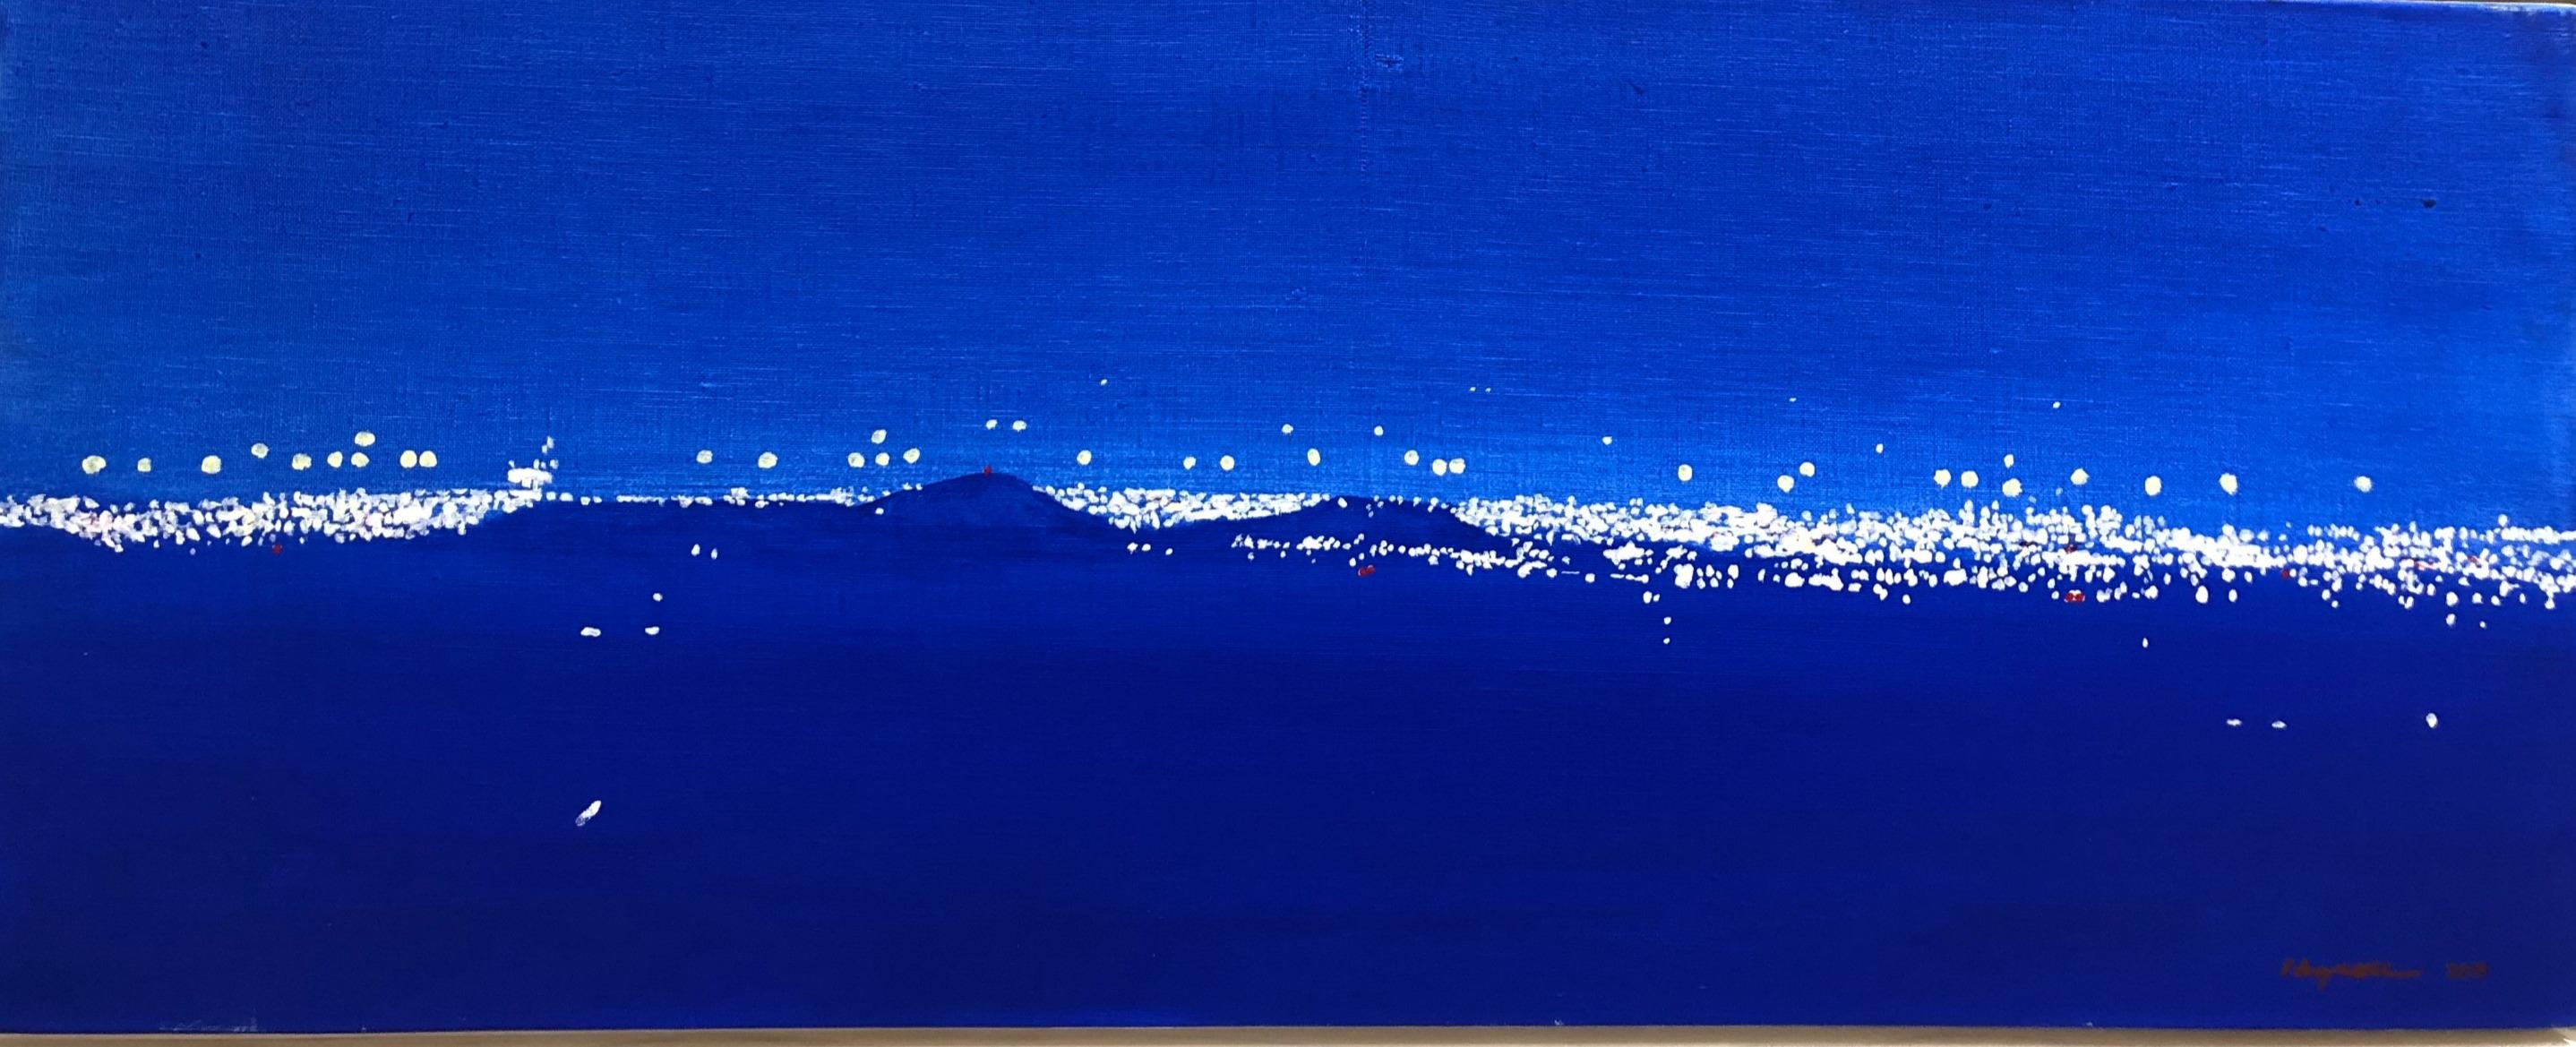 Jeju-Artist